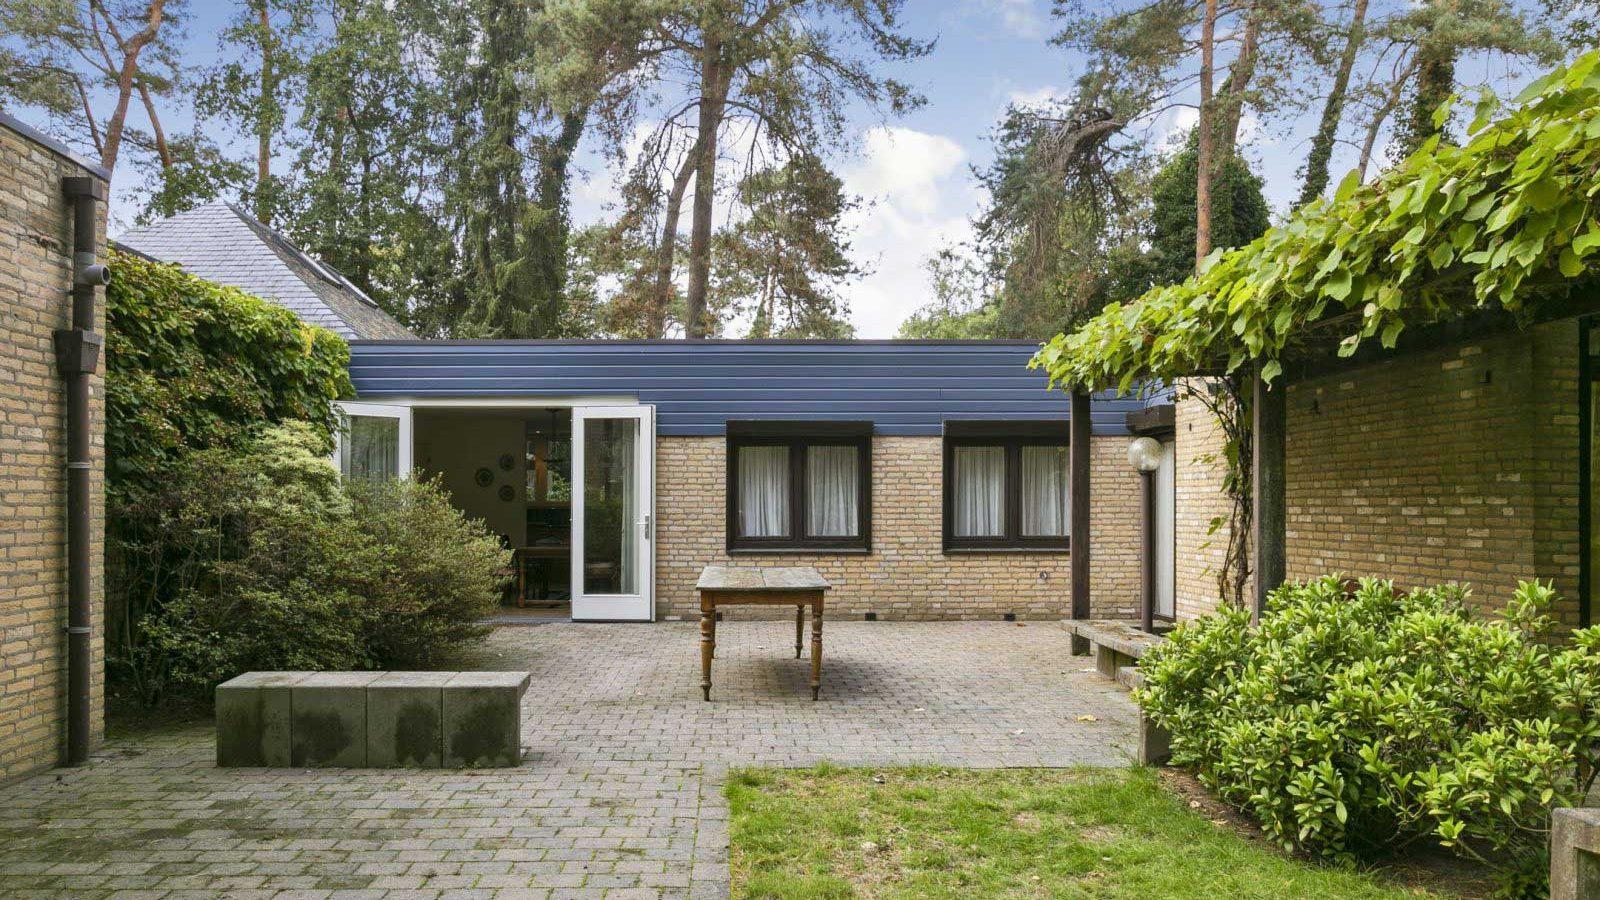 VanderLandelaan25Herkenbosch-EXT-22-1600x1067